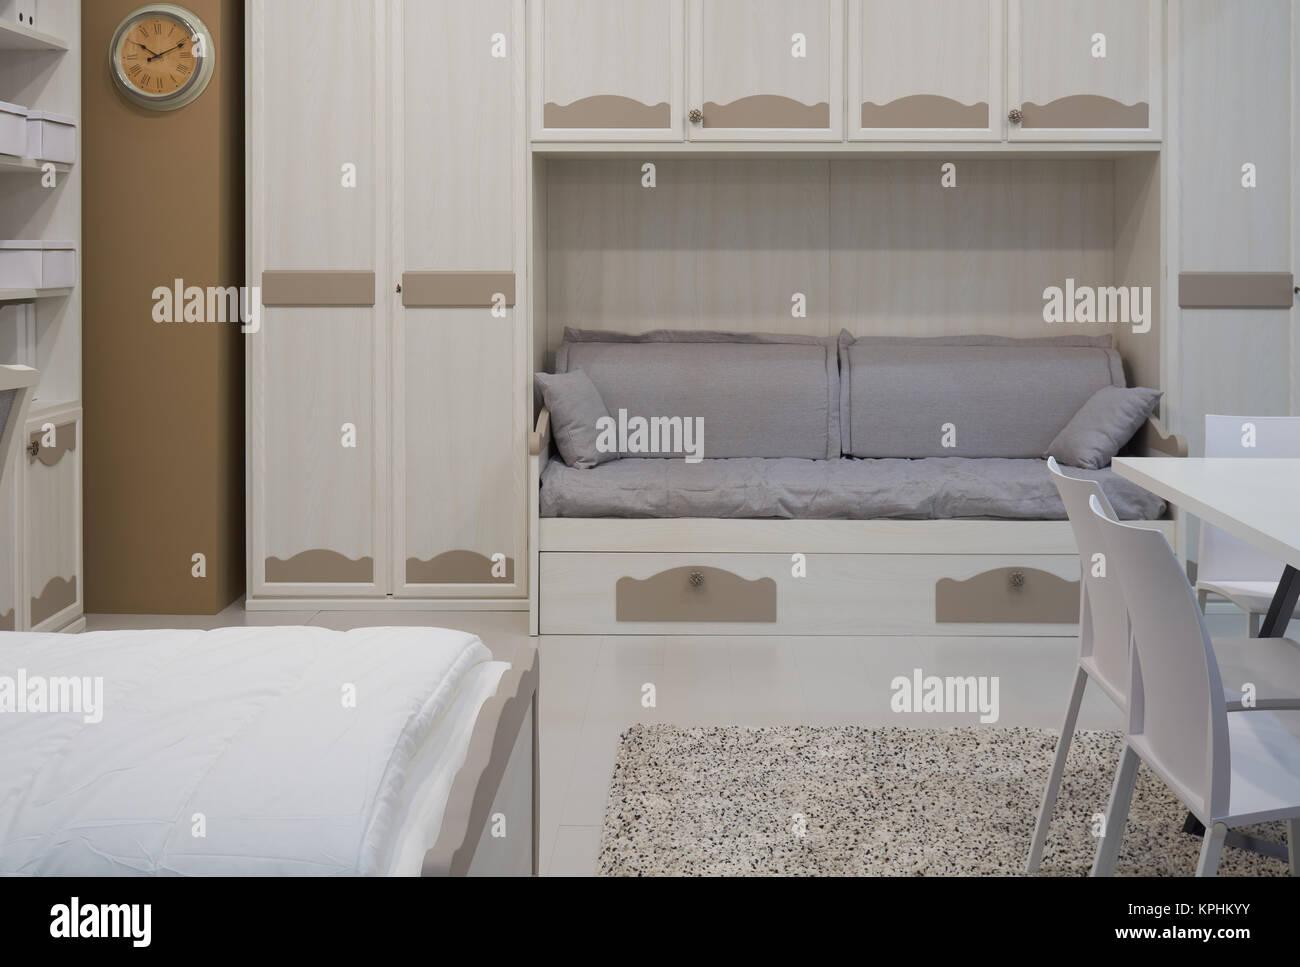 Letto Armadio Matrimoniale : Nuovo arredamento confortevole letto matrimoniale tavolo sedie